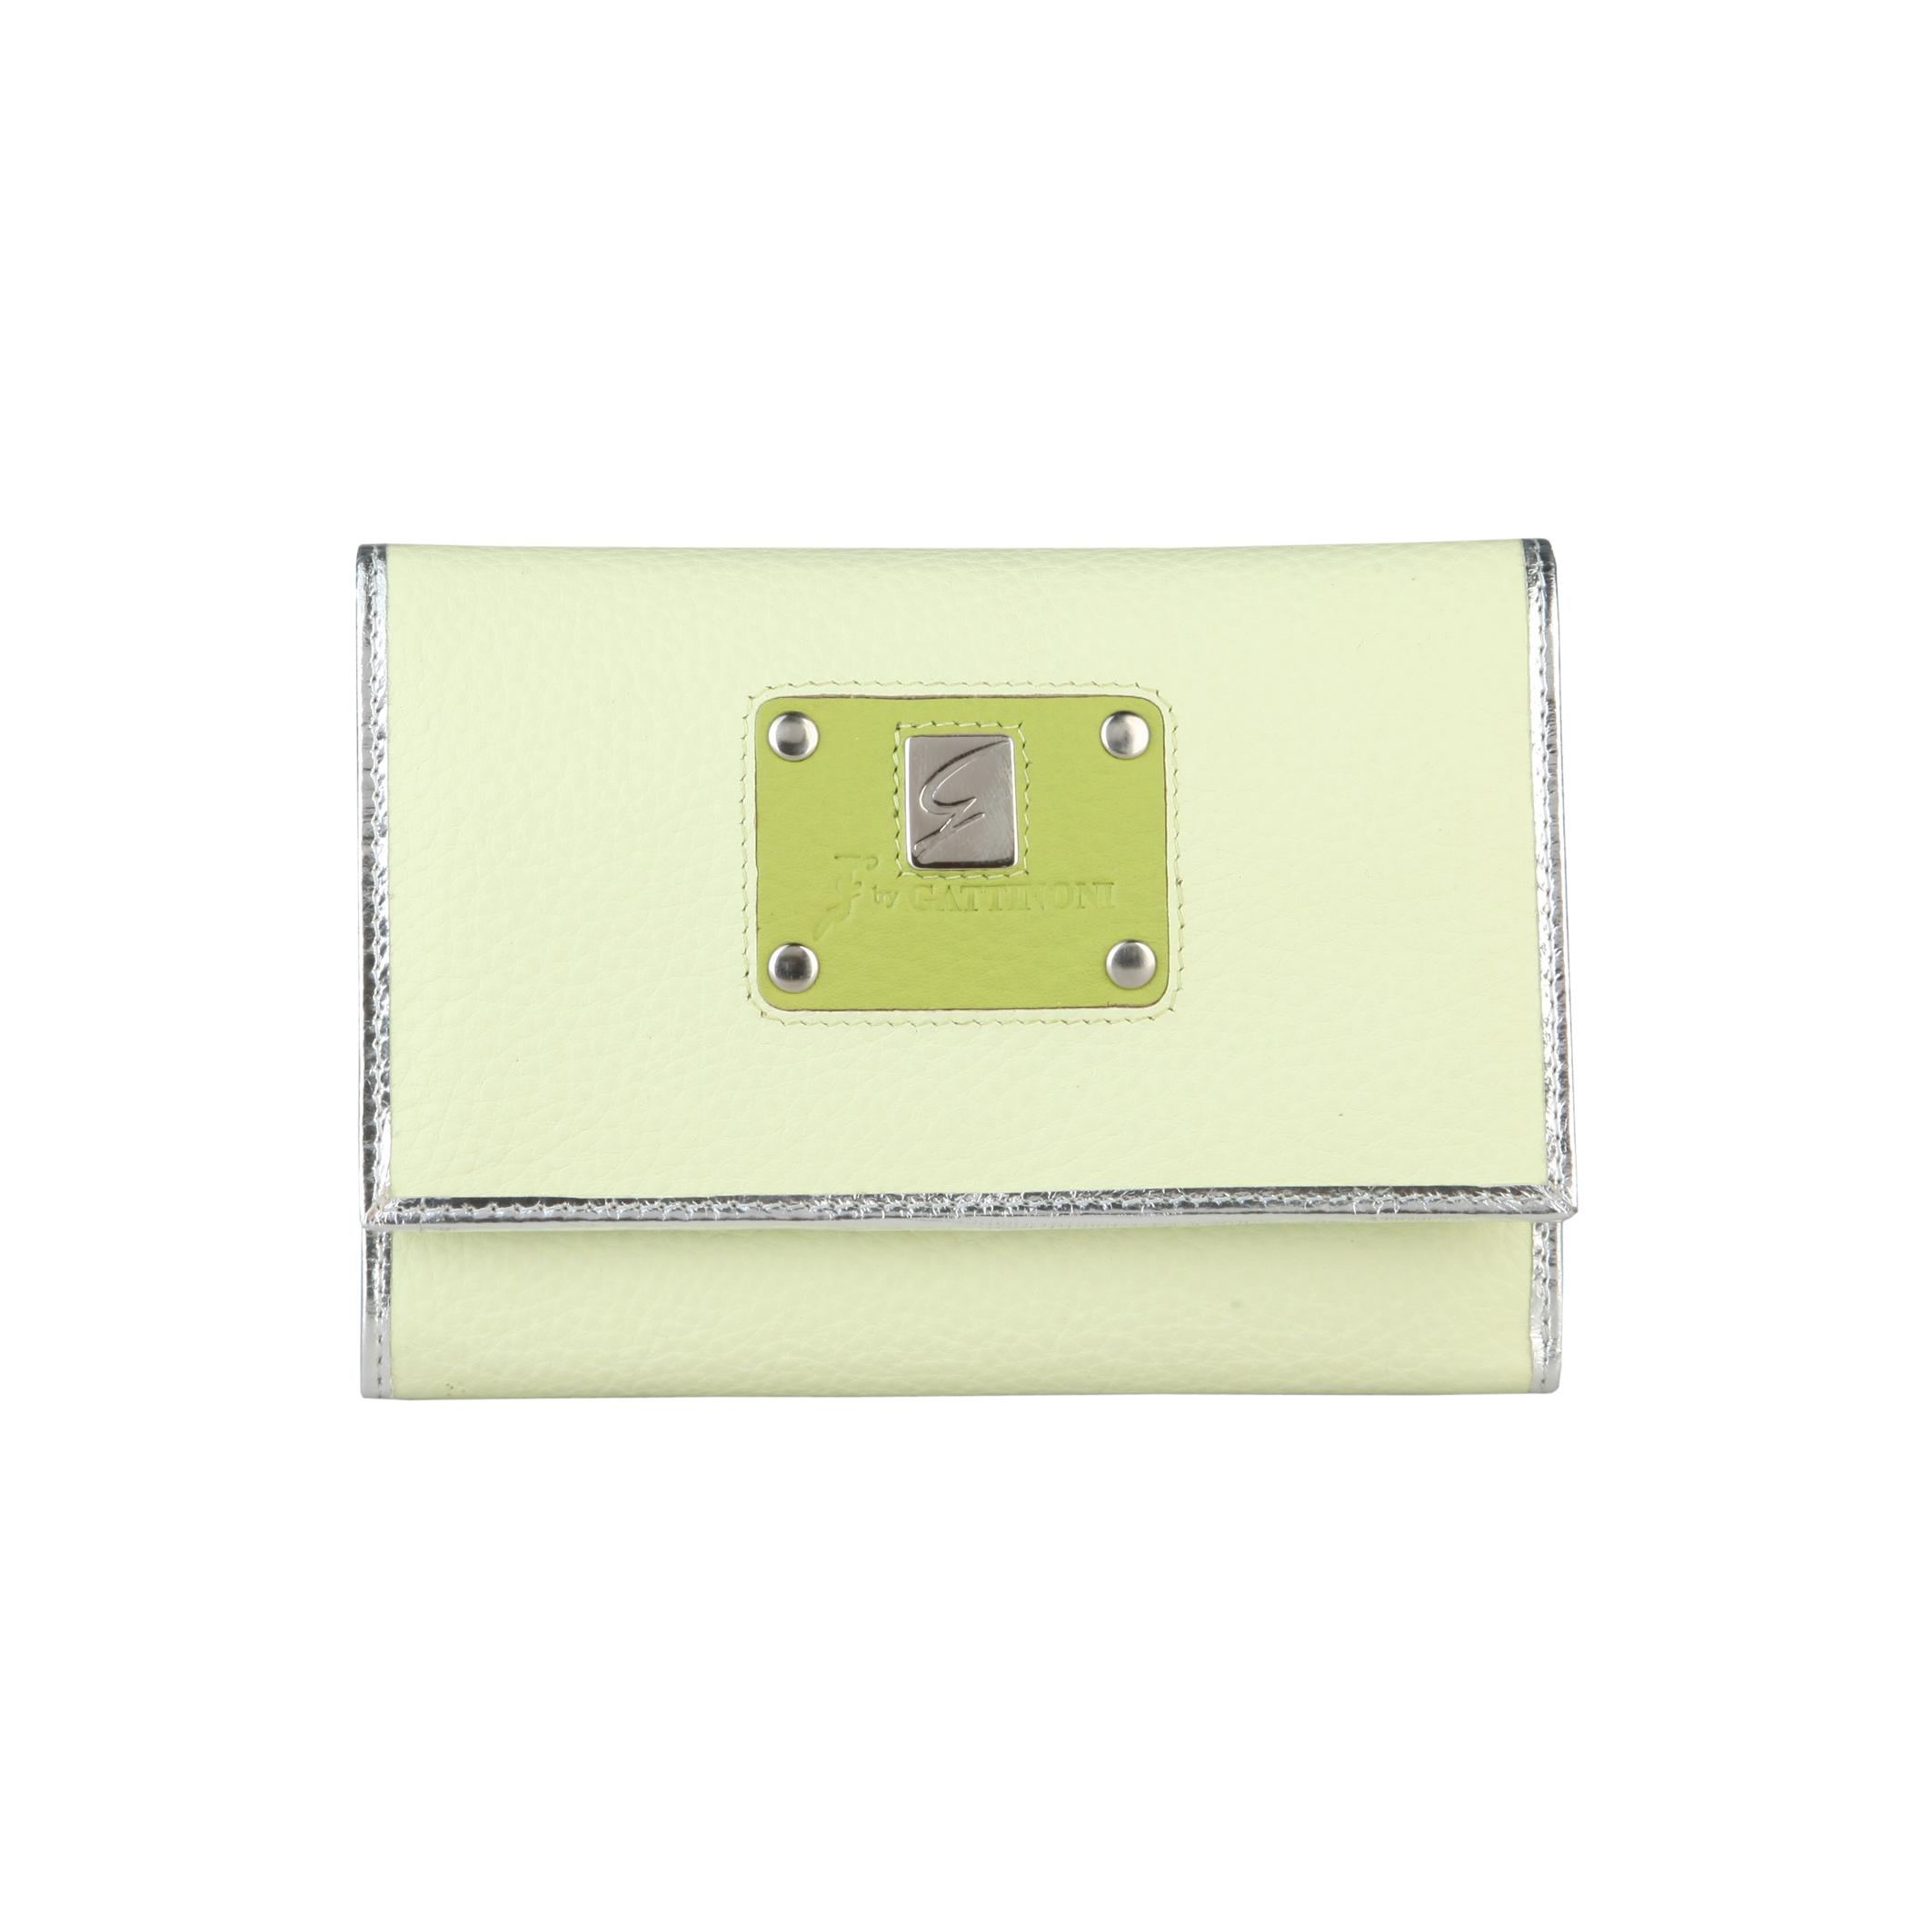 Gattinoni  - Colección mujeres   - Cartera para mujeres en cuero con logotipo.   - porta tarjetas de